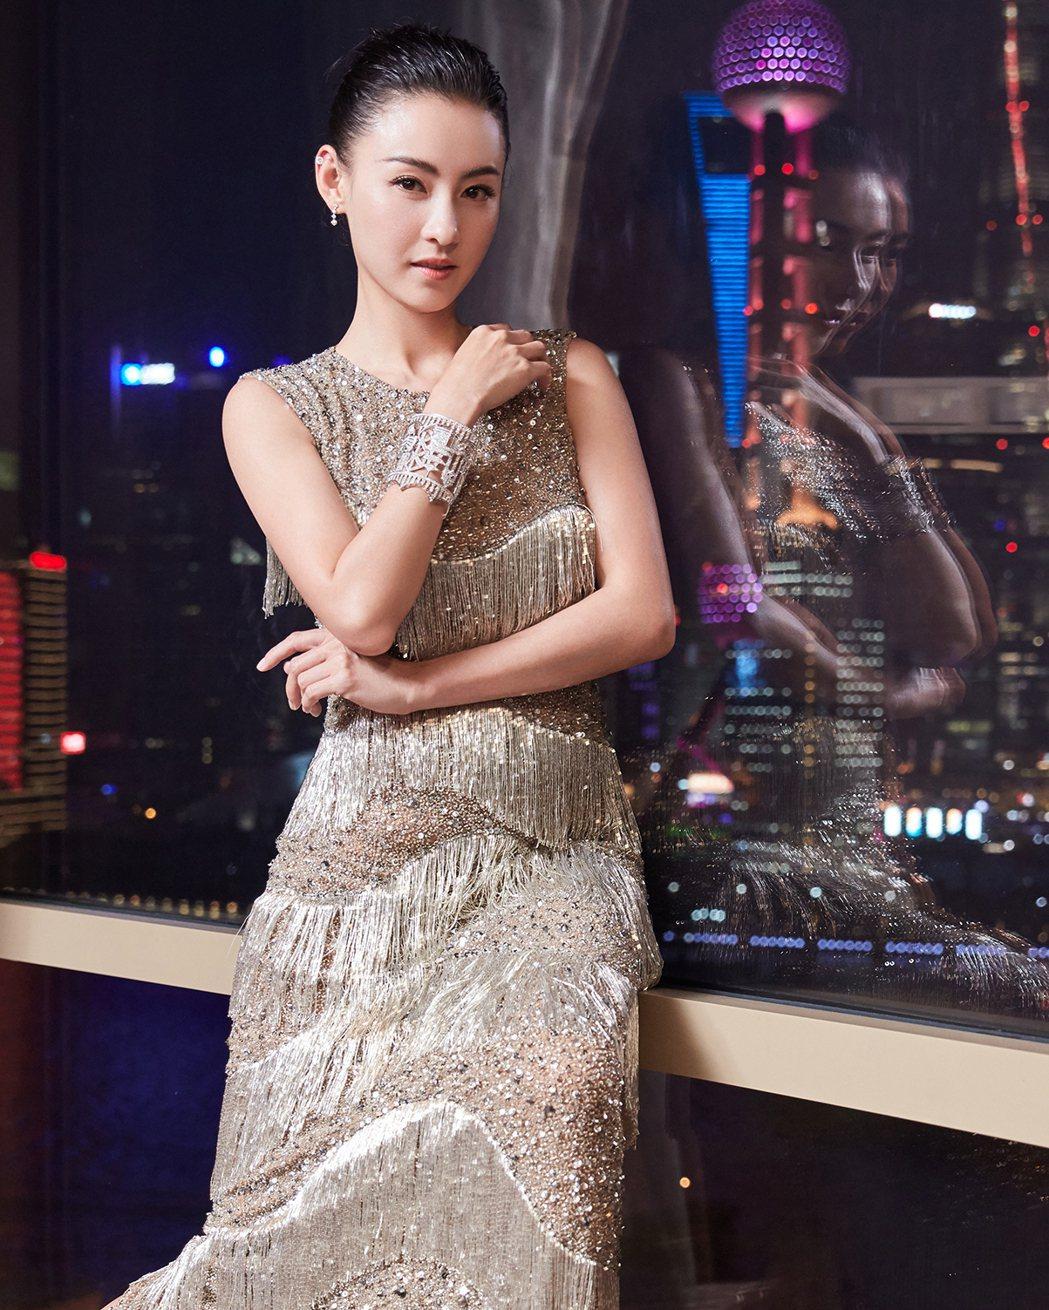 張栢芝穿銀色流蘇禮服,展現華麗風情。圖/MICHAEL KORS提供